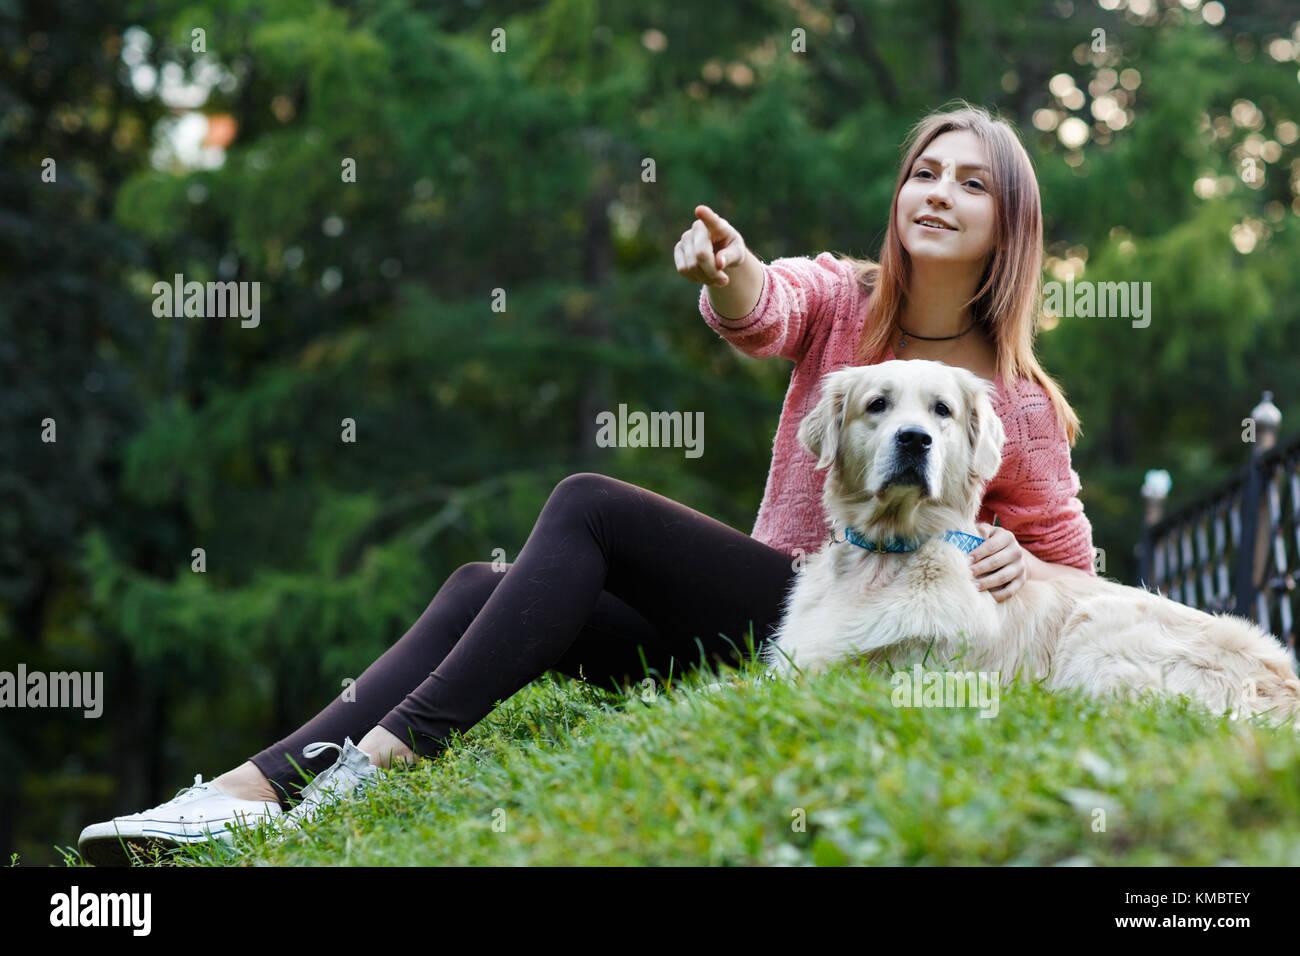 Foto von unten der Frau nach vorn zeigen neben Hund auf dem grünen Rasen Stockbild